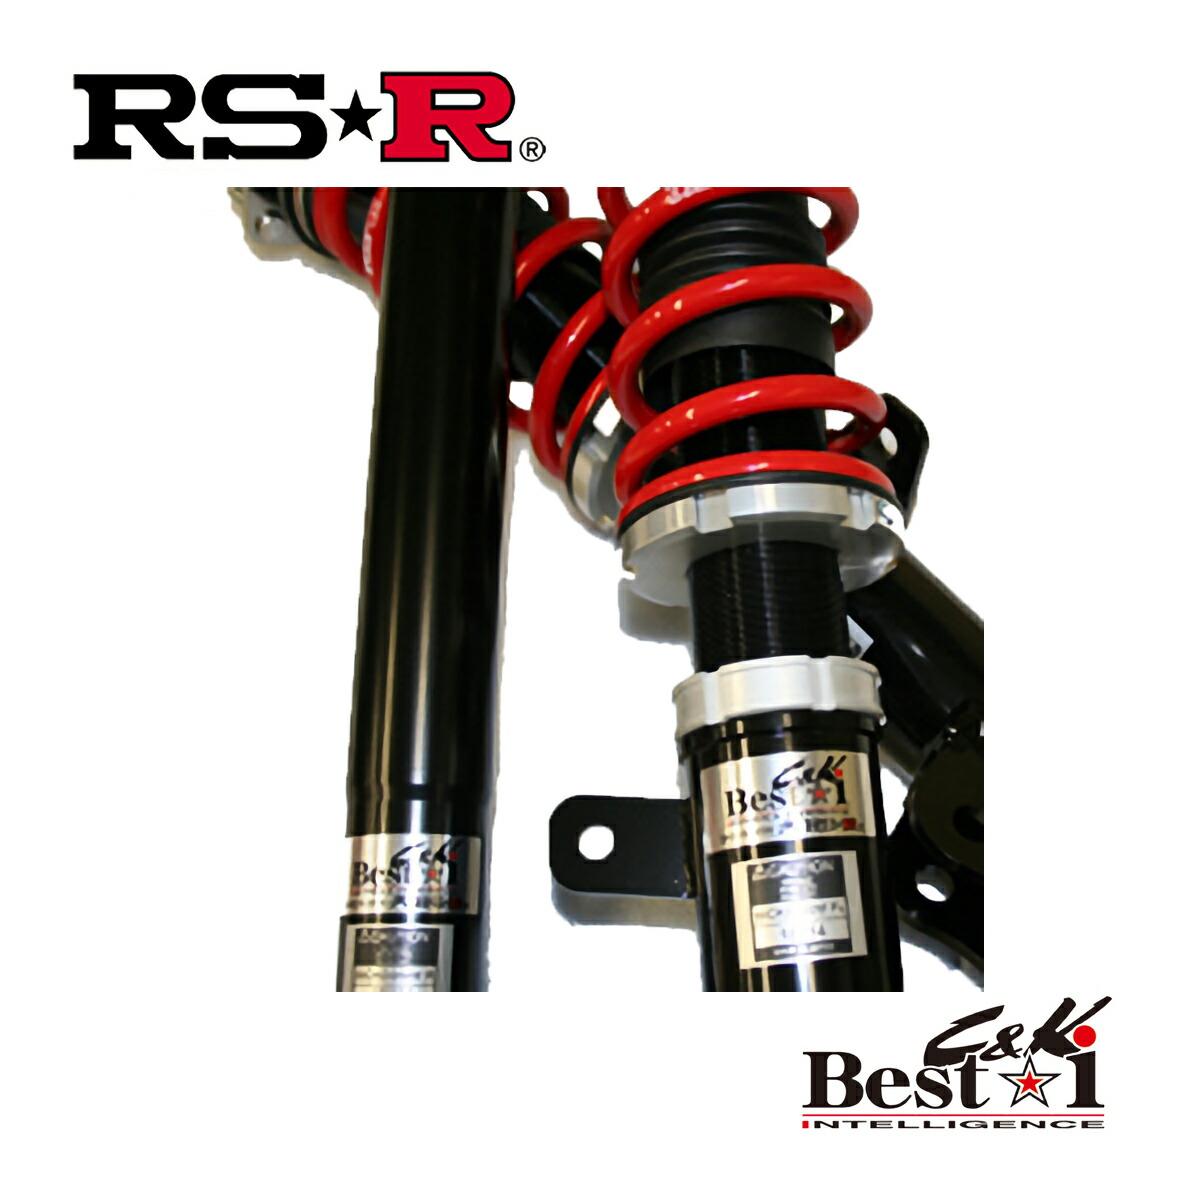 RS-R ヴィッツ F スマートストップパッケージ NSP130 車高調 リア車高調整 ネジ式 BICKT345M ベストi C&K RSR 個人宅発送追金有